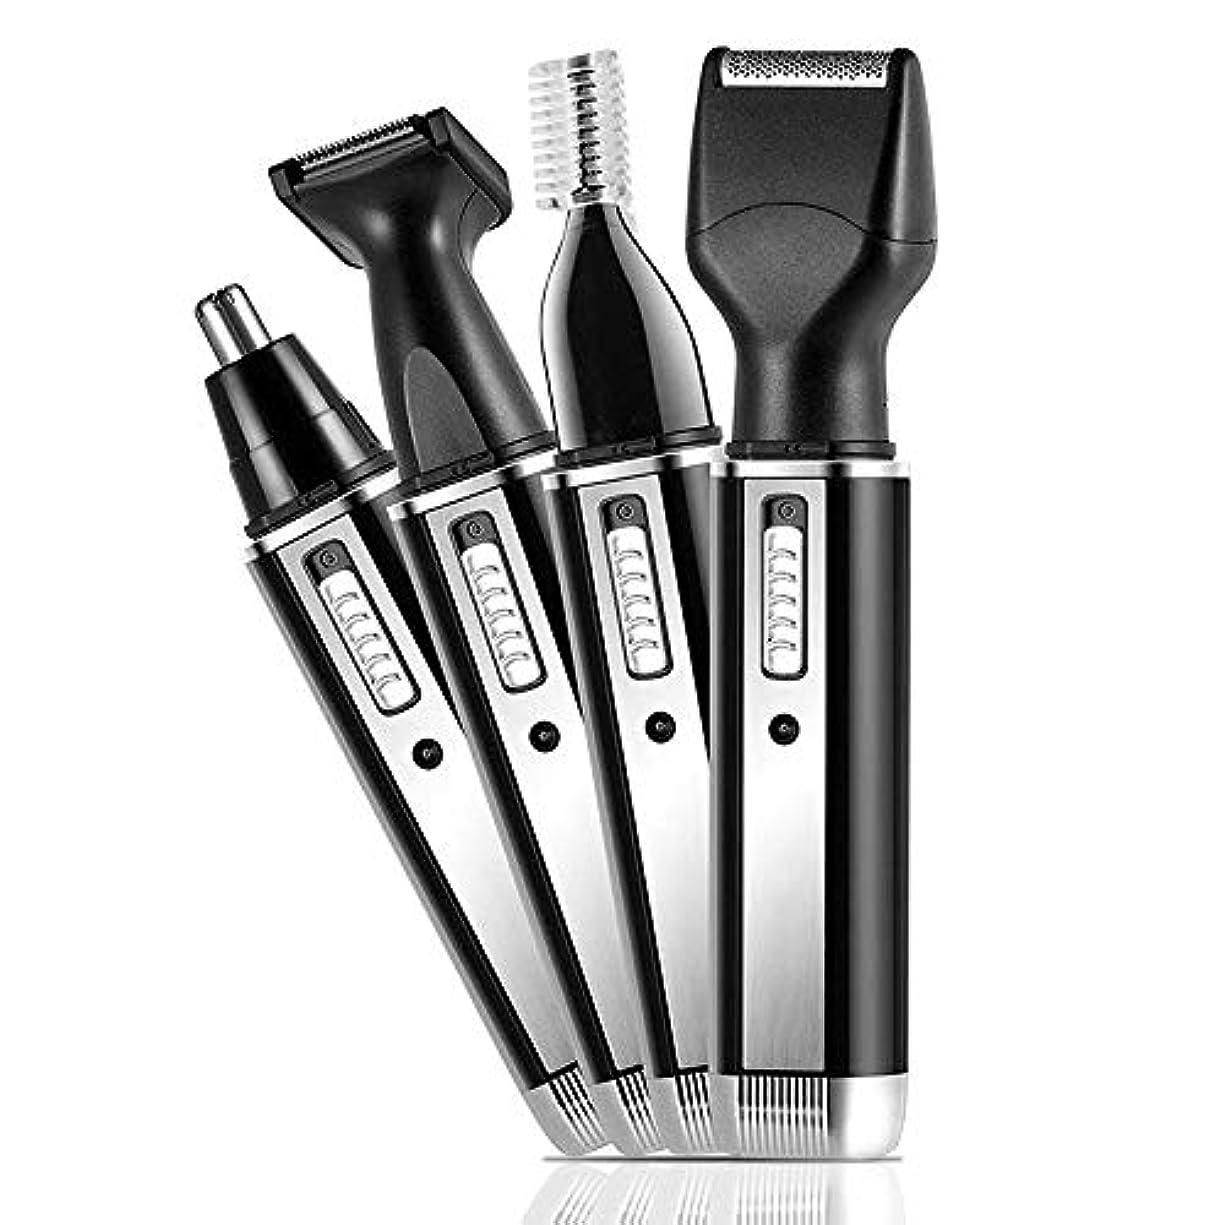 ホールド上院議員プログラム鼻毛 耳毛カッター マルチトリマー 多機能性4in1 USB充電式 内刃水洗い